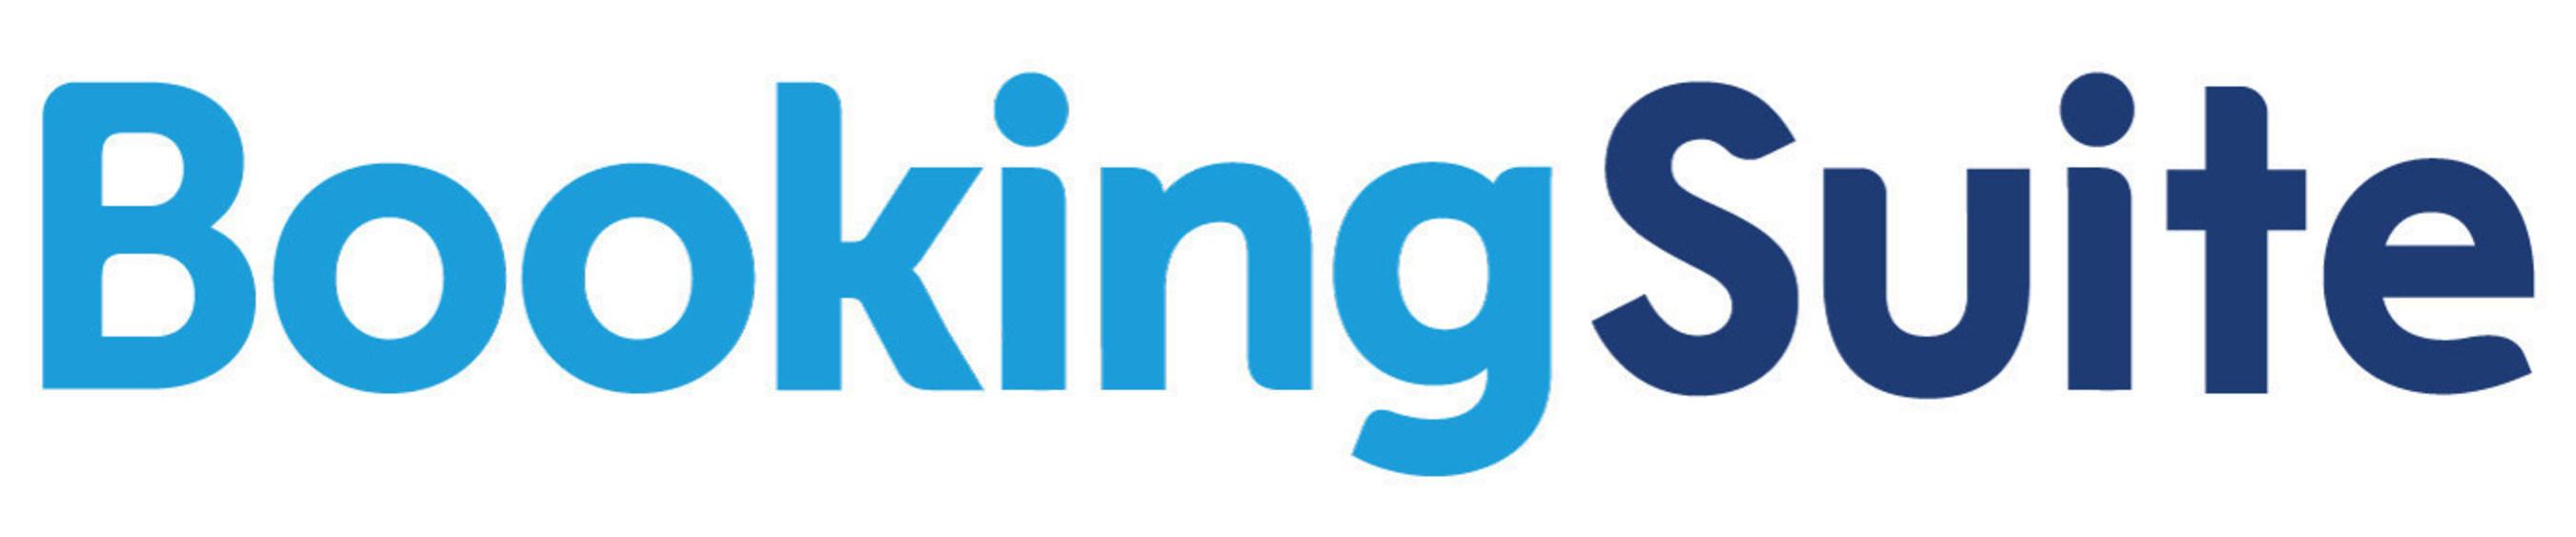 Booking.com führt BookingSuite ein und bietet damit Immobilienbesitzern neue, bahnbrechende